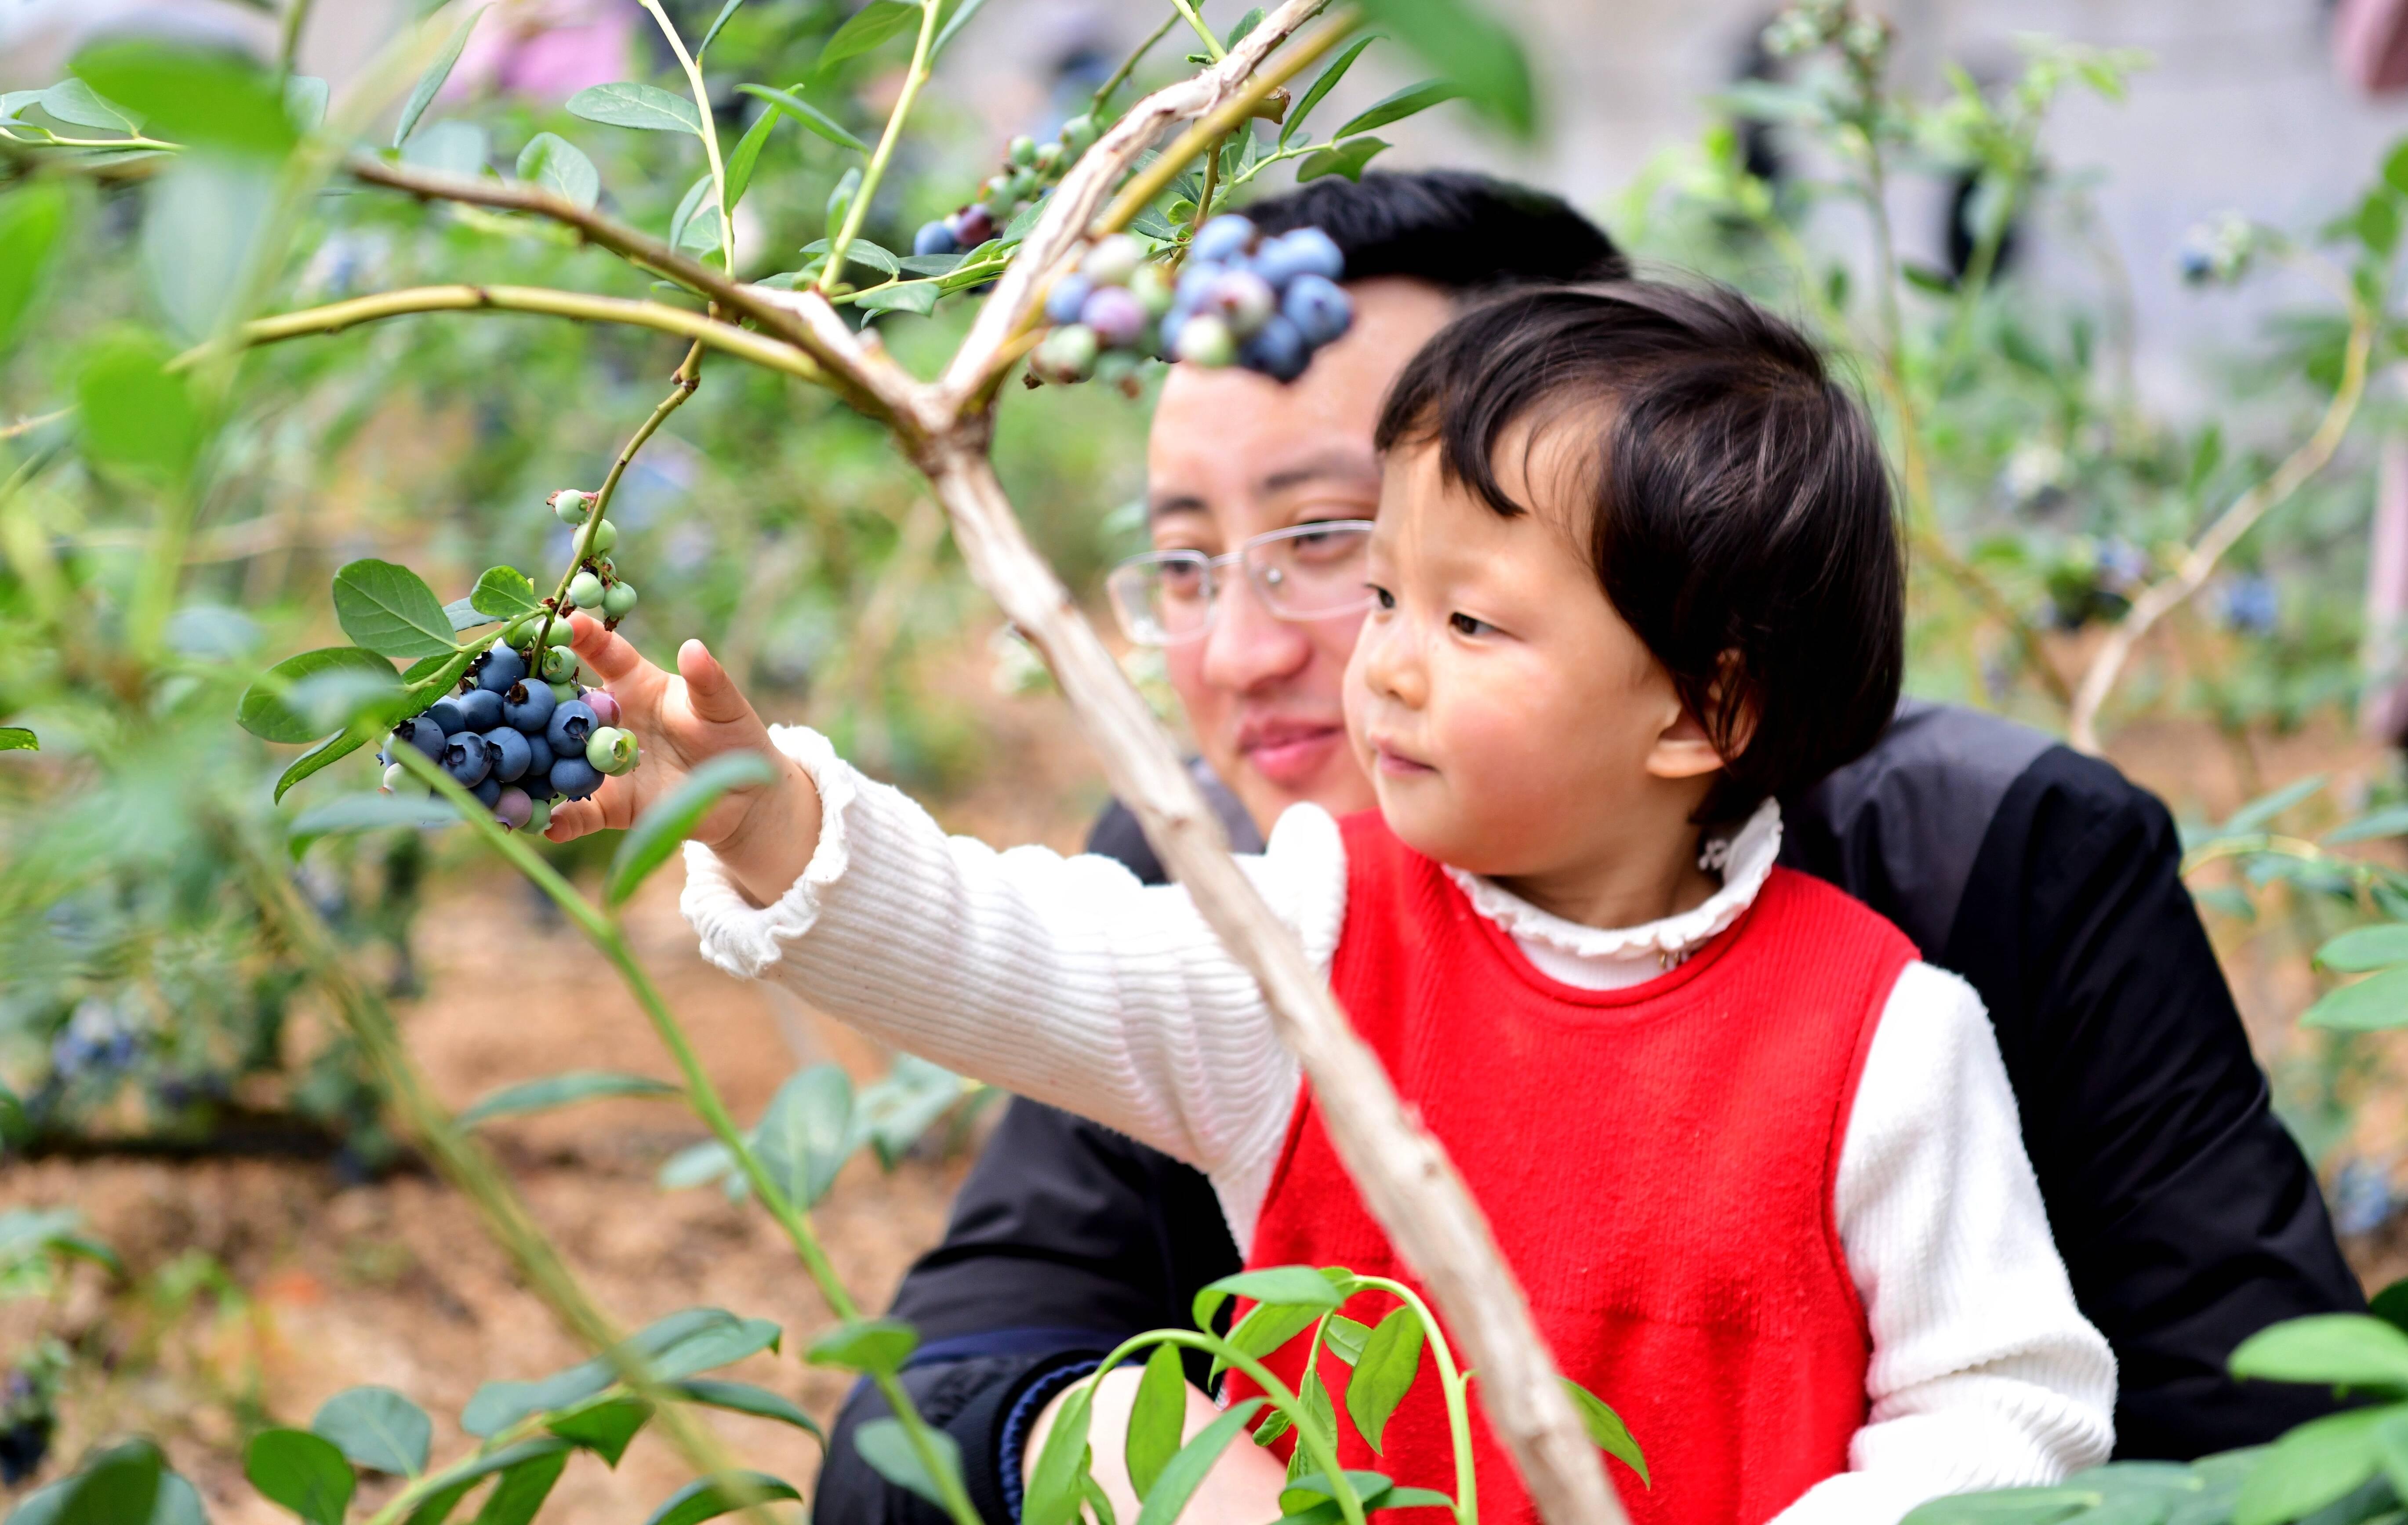 宝山镇蓝莓园中,游客带孩子现场采摘品尝蓝莓。记者 李亮 摄